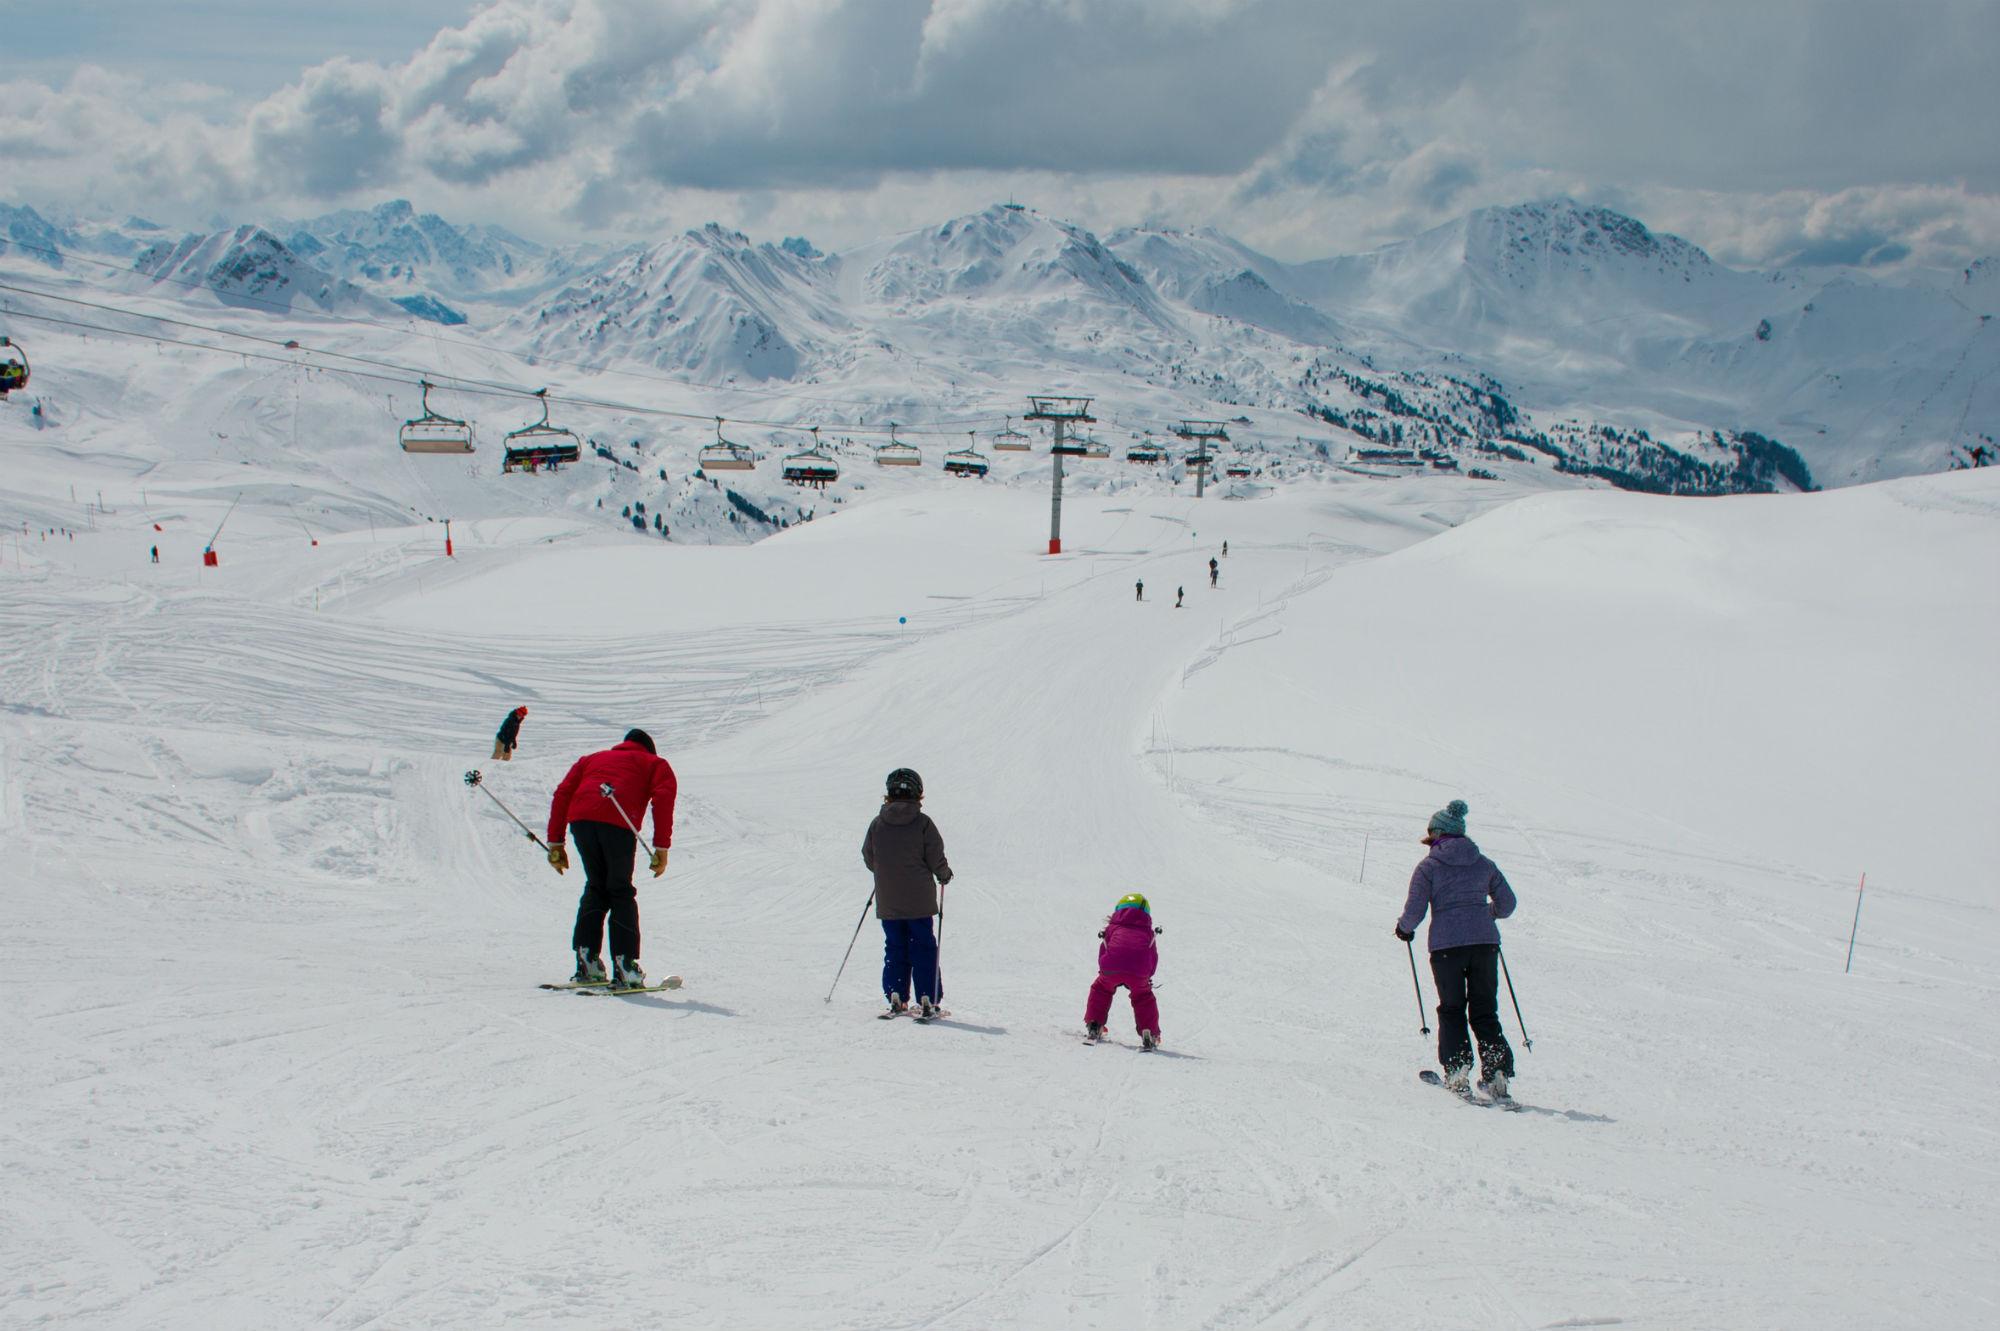 Une famille sur une piste de ski enneigée à La Plagne.